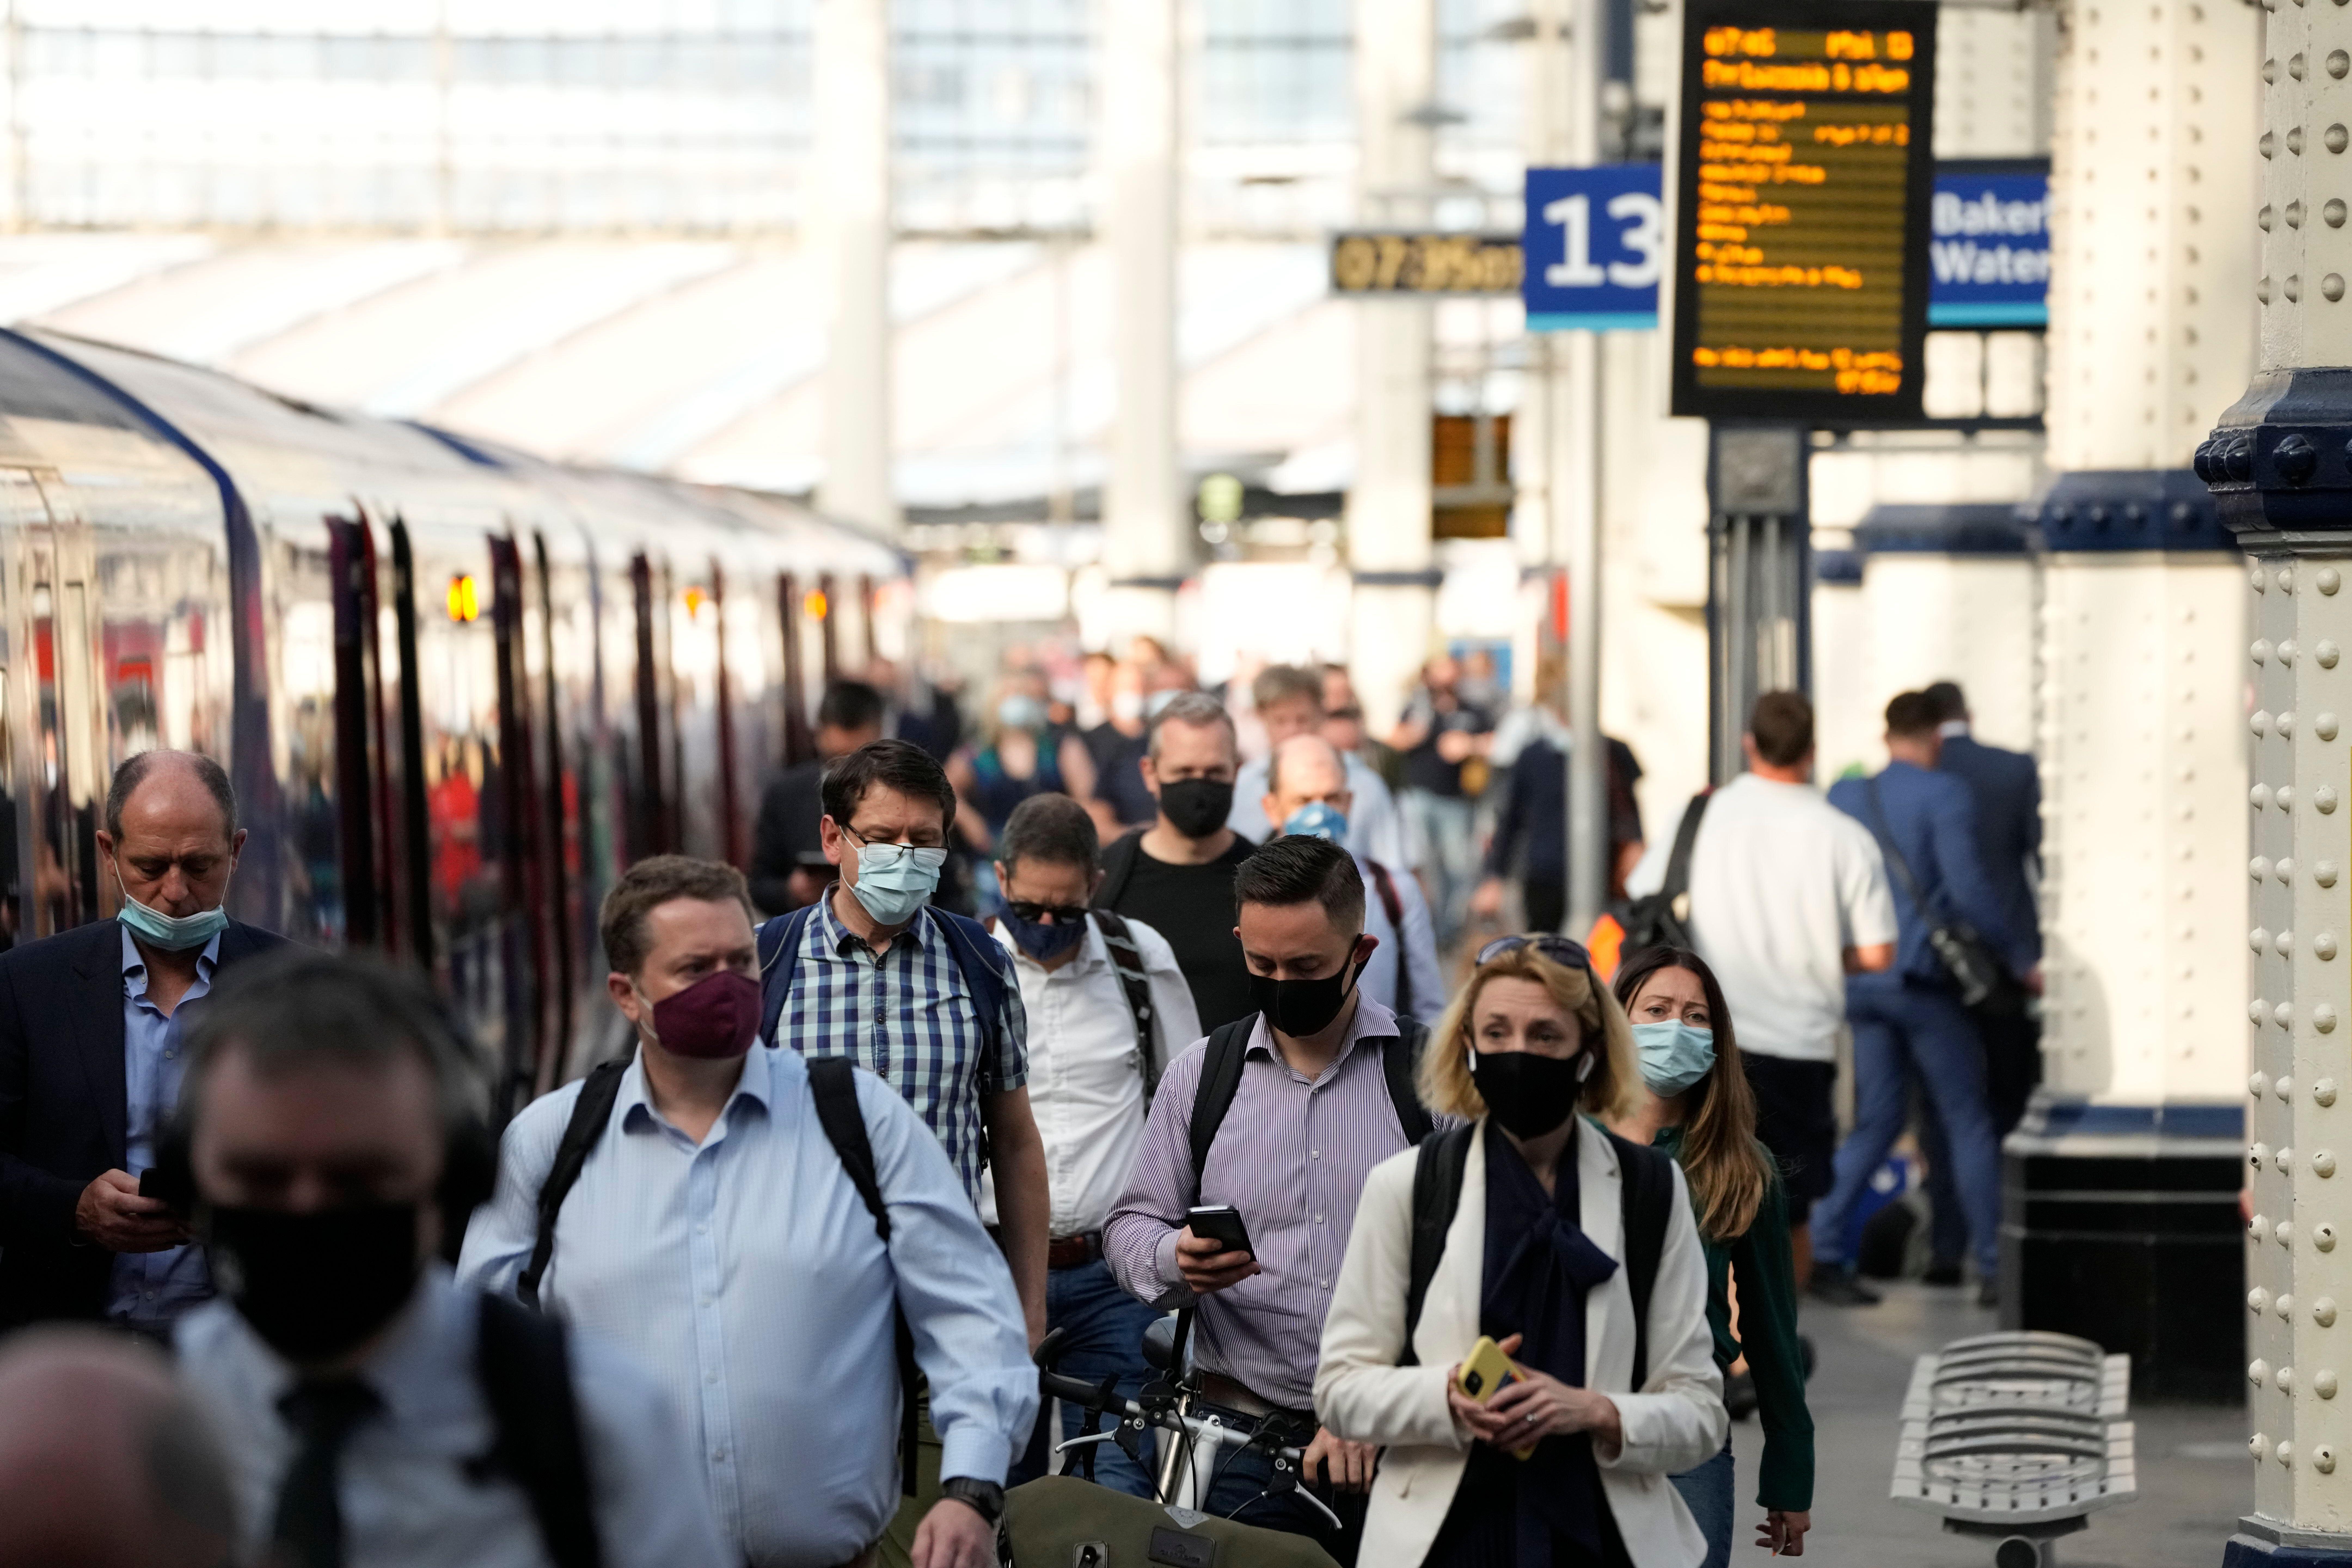 Des voyageurs portant le masque à la station Waterloo, à Londres, le 14 juillet